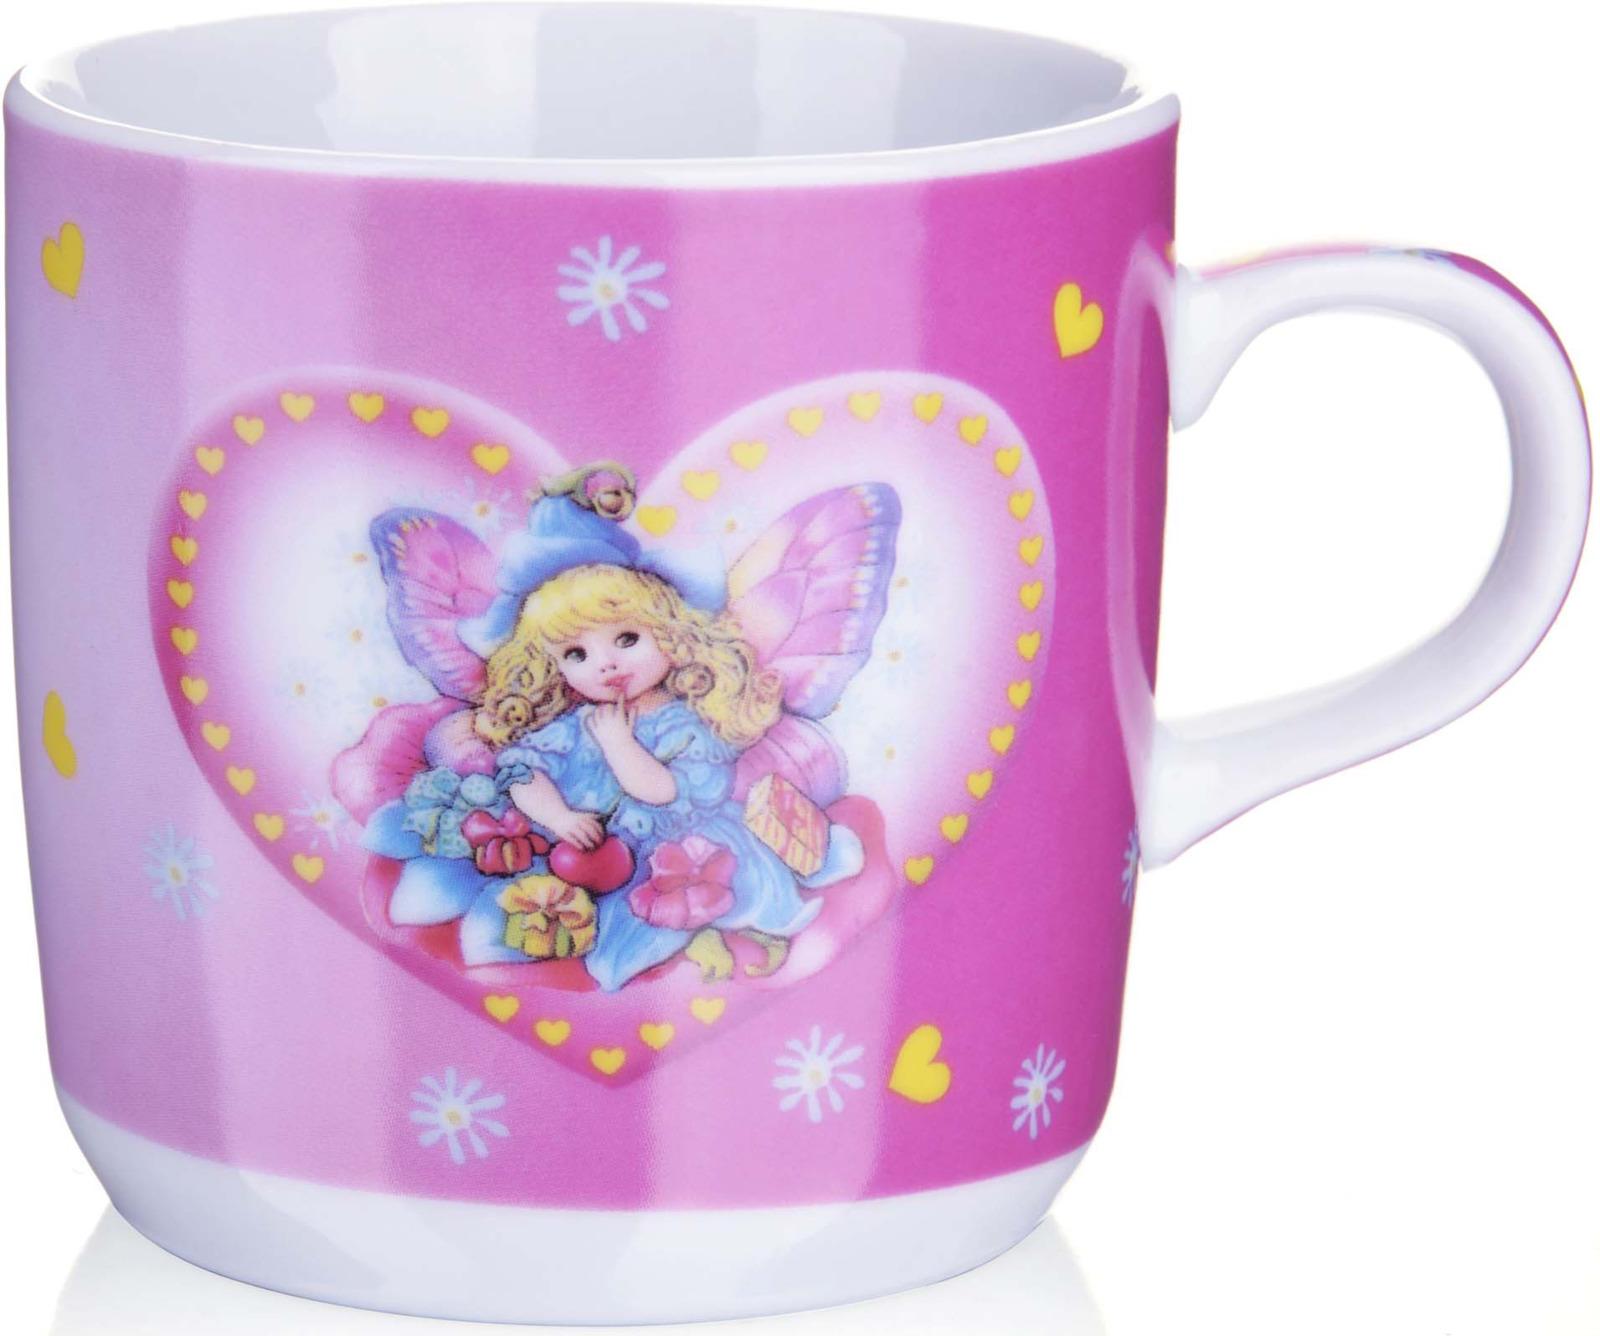 Кружка детская Loraine, цвет: белый, розовый, голубой, 230 мл кружка loraine цвет белый красный голубой 320 мл 24484